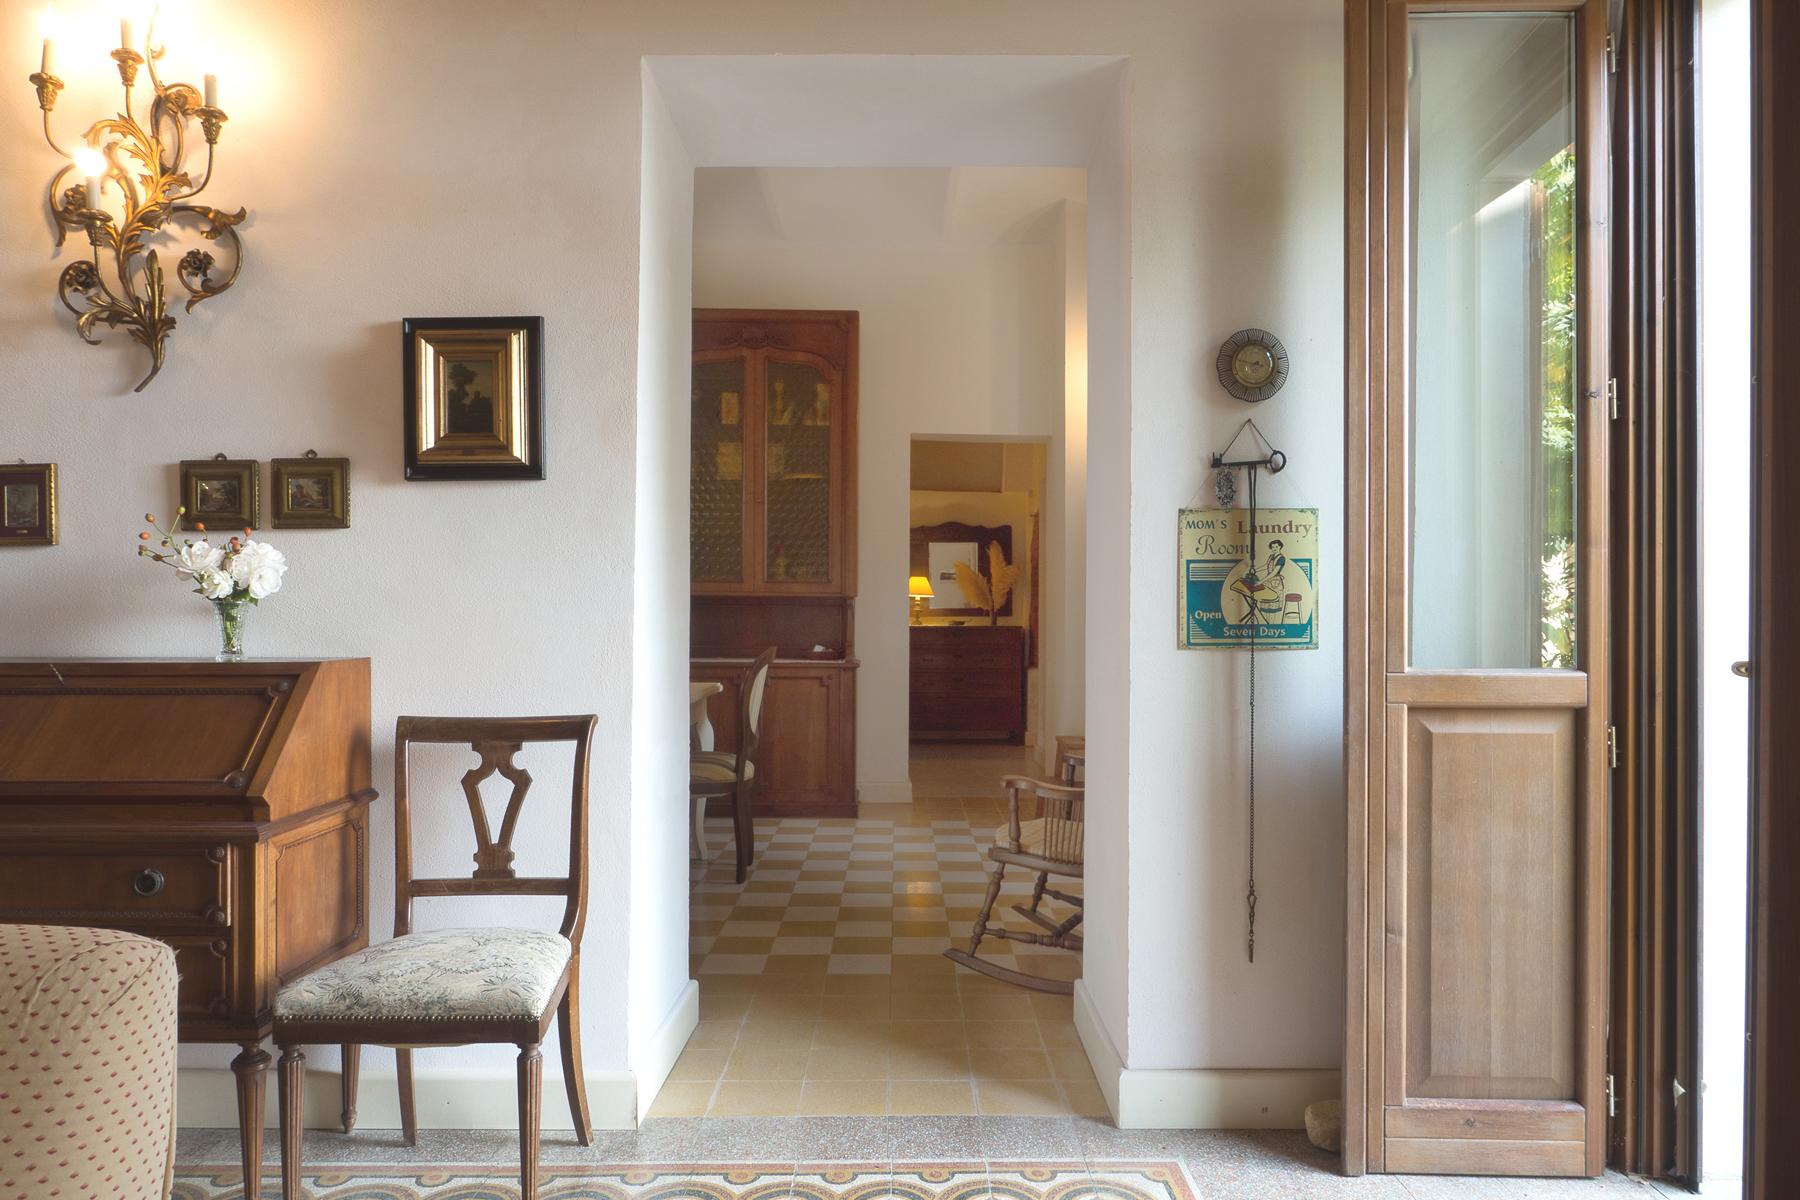 Appartamento in Vendita a Vignale Monferrato: 5 locali, 140 mq - Foto 9